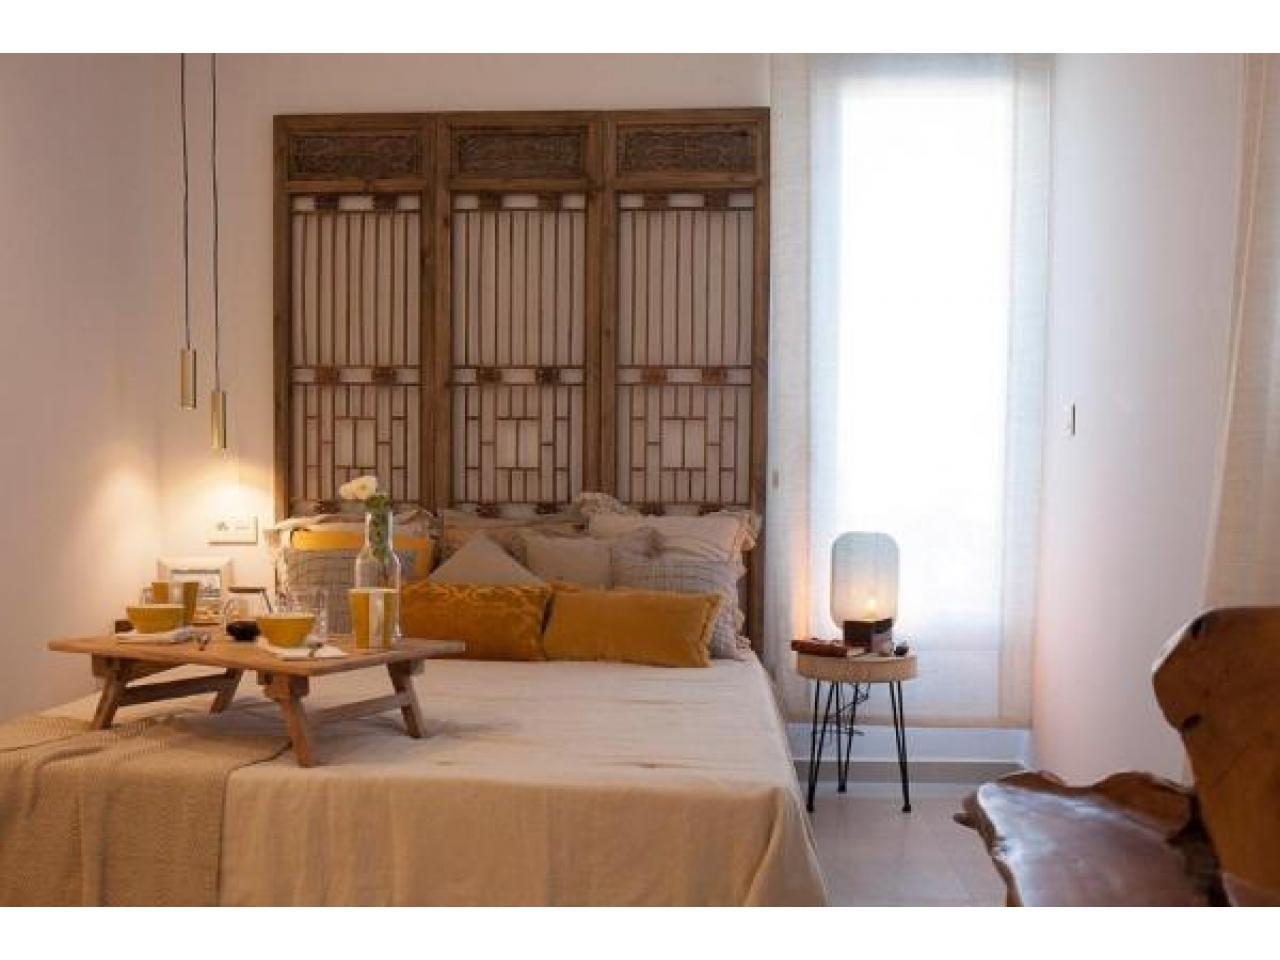 Недвижимость в Испании, Новые бунгало рядом с пляжем от застройщика в Торре де ла Орадада - 6